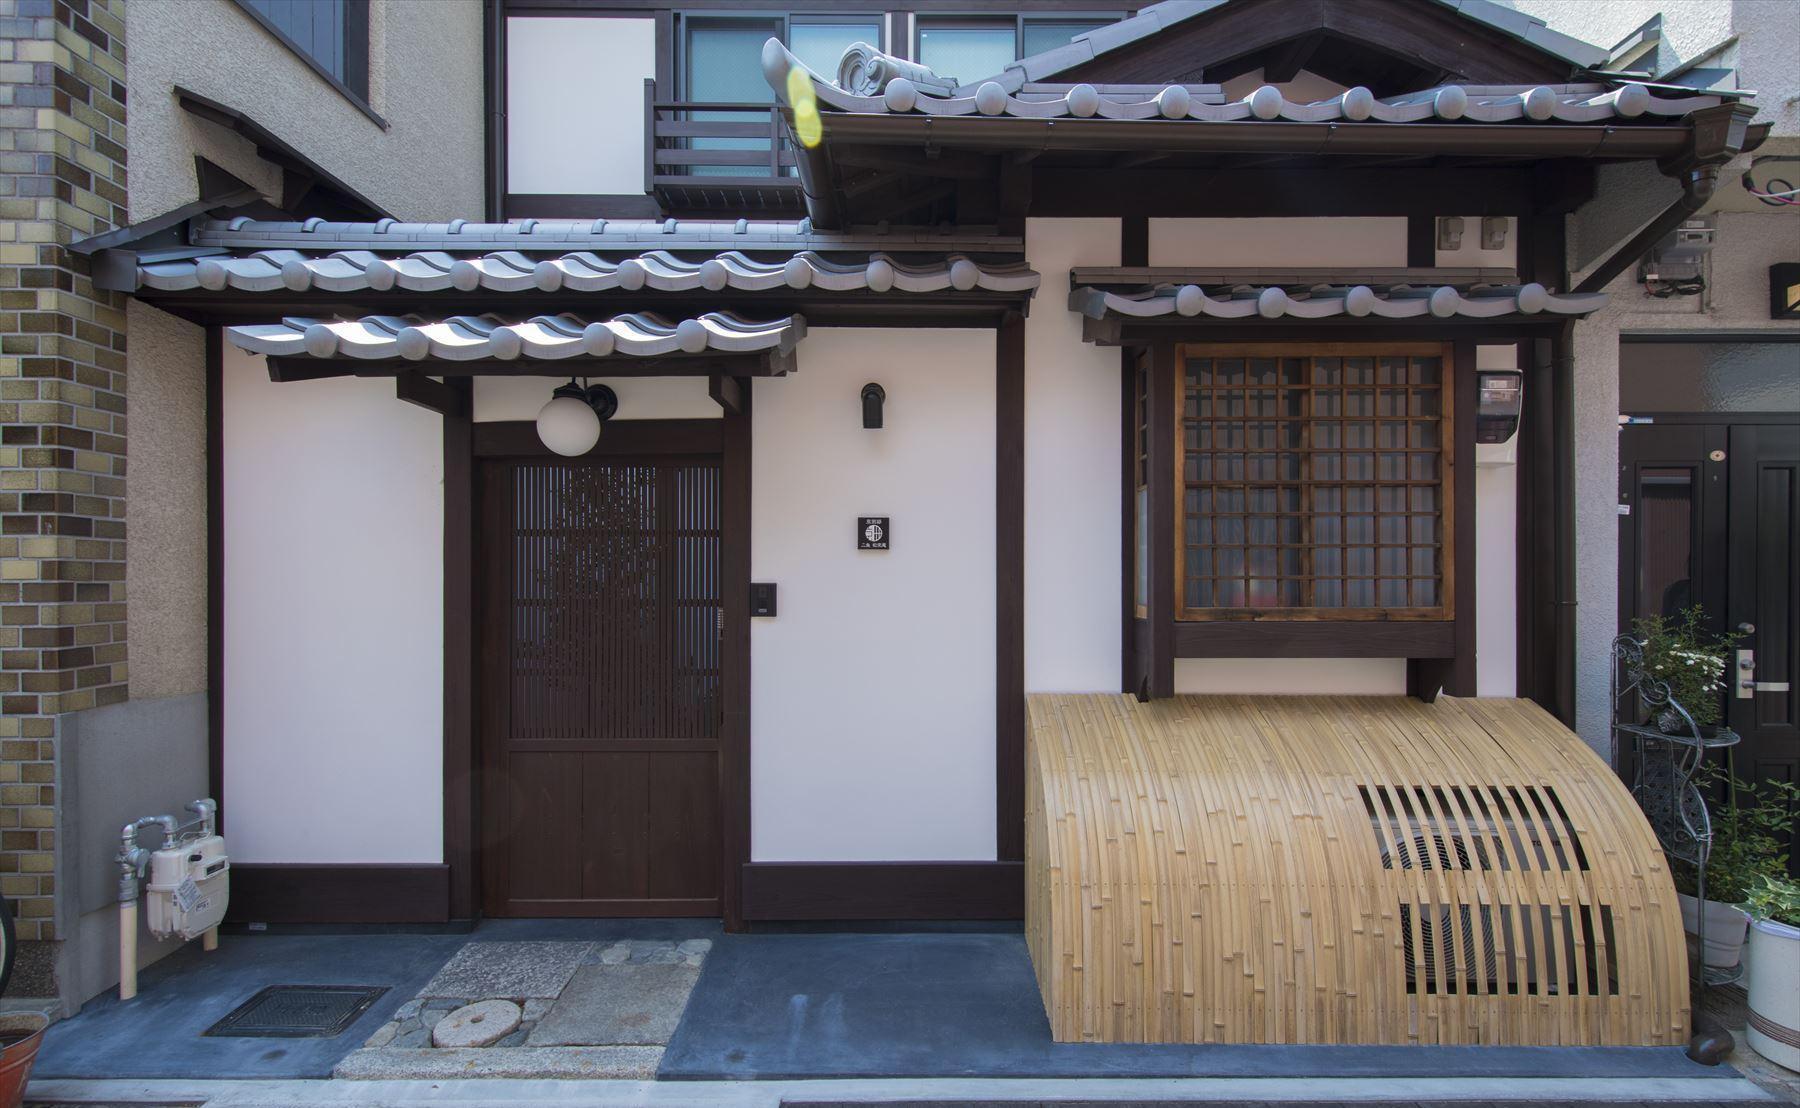 京都住宿推薦:可短期租屋的獨棟日本傳統民宿 - 部落格